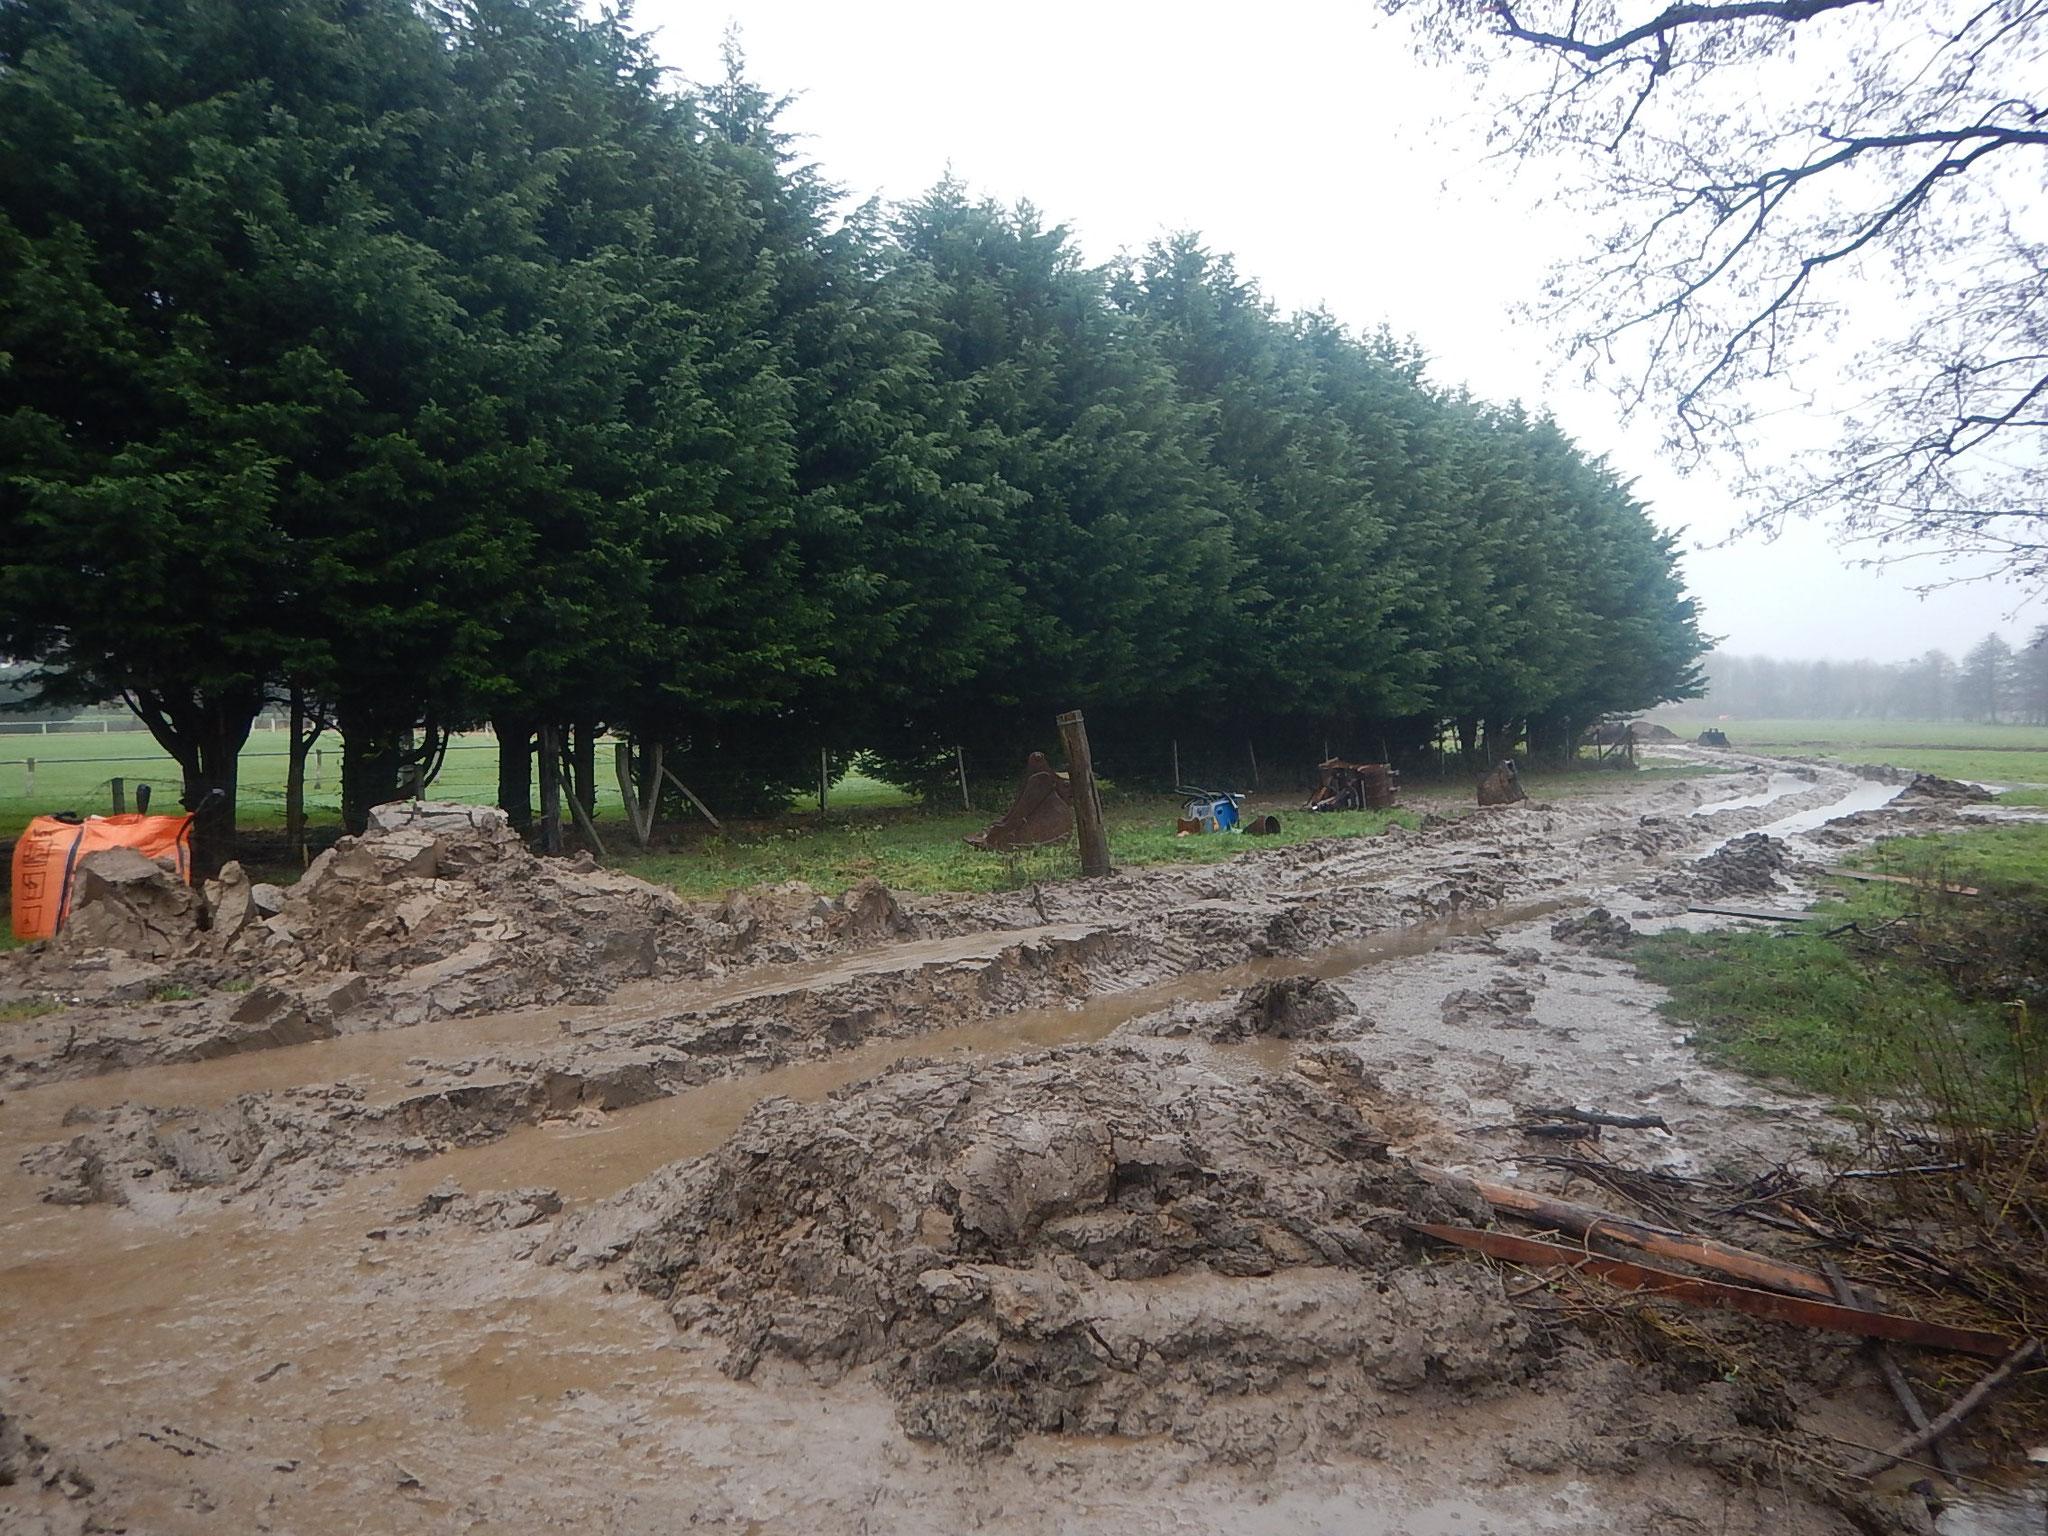 Inondation de la zone de chantier due au débordement du fossé de dérivation.